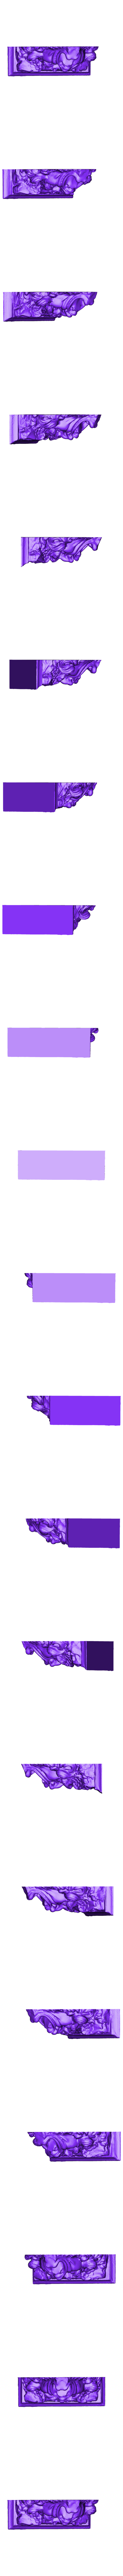 Gargoyle_printable_no_supports_small_Reduced.stl Télécharger fichier STL gratuit Waddesden Manor Stables Bec verseur d'eau (1800s) • Modèle à imprimer en 3D, tone001